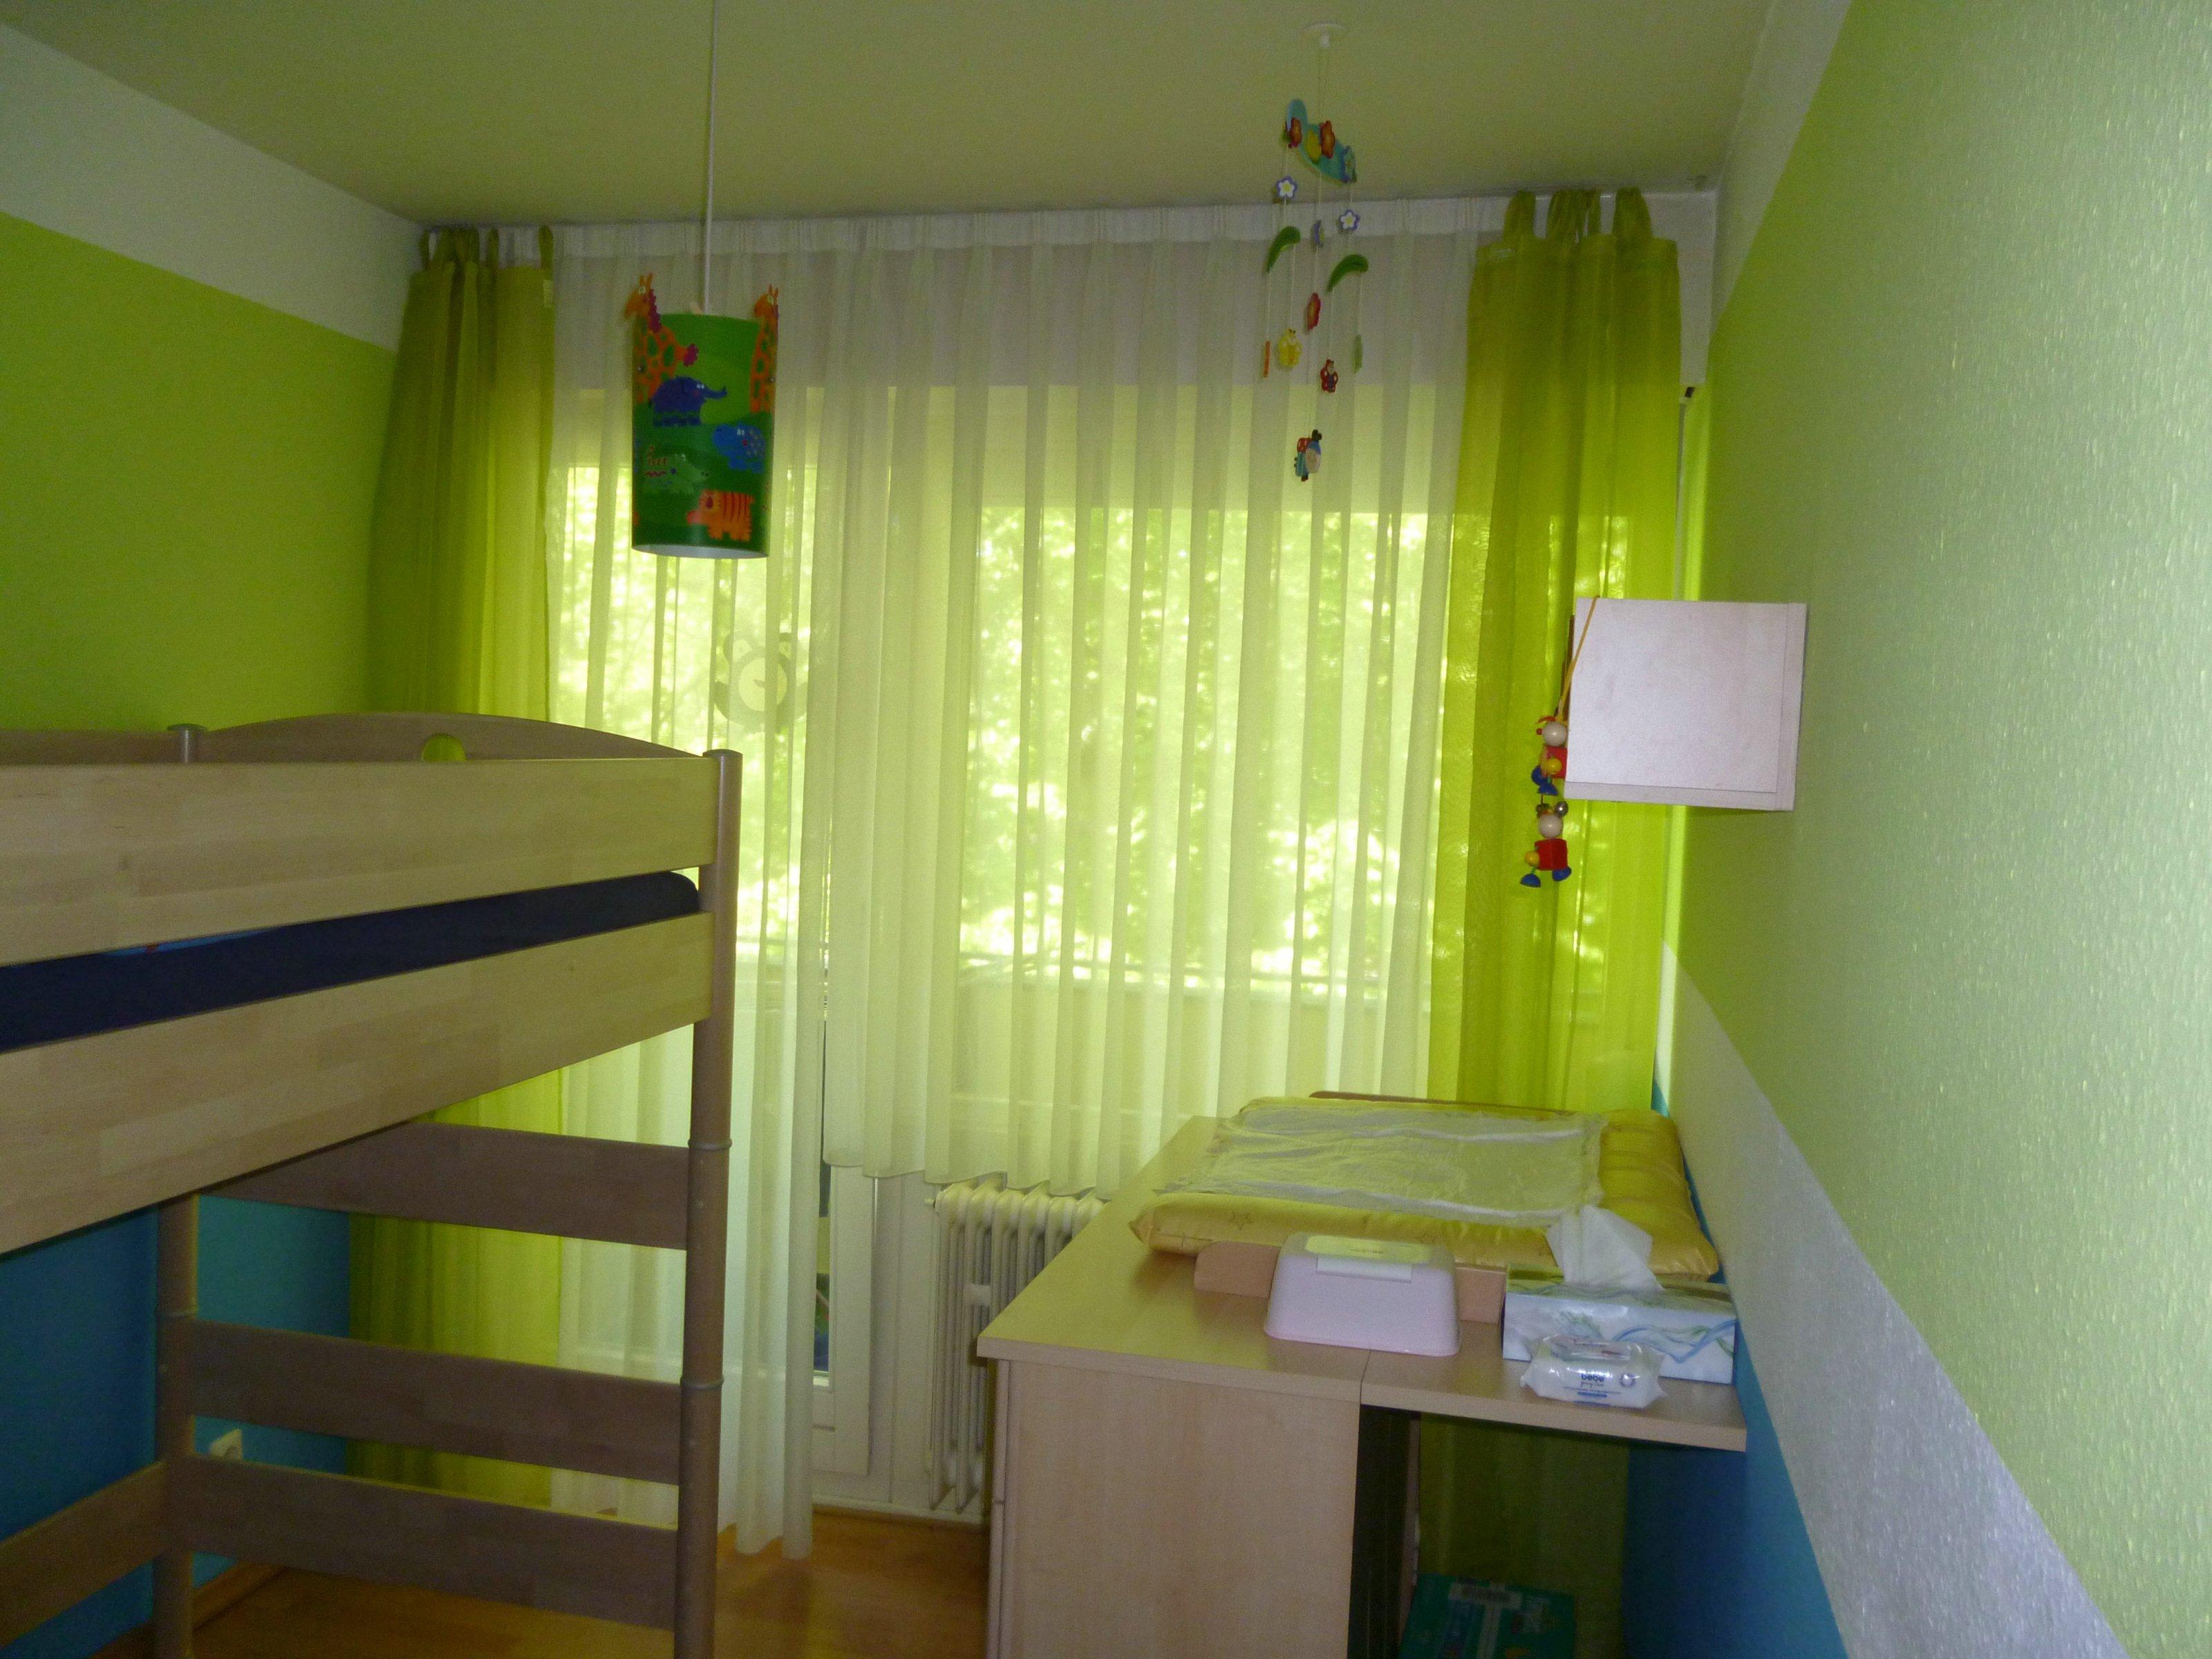 Kinderzimmer 39 zimmer f r 2 jungs 39 unser gem tliches heim zimmerschau - Kinderzimmer 2 jungs ...